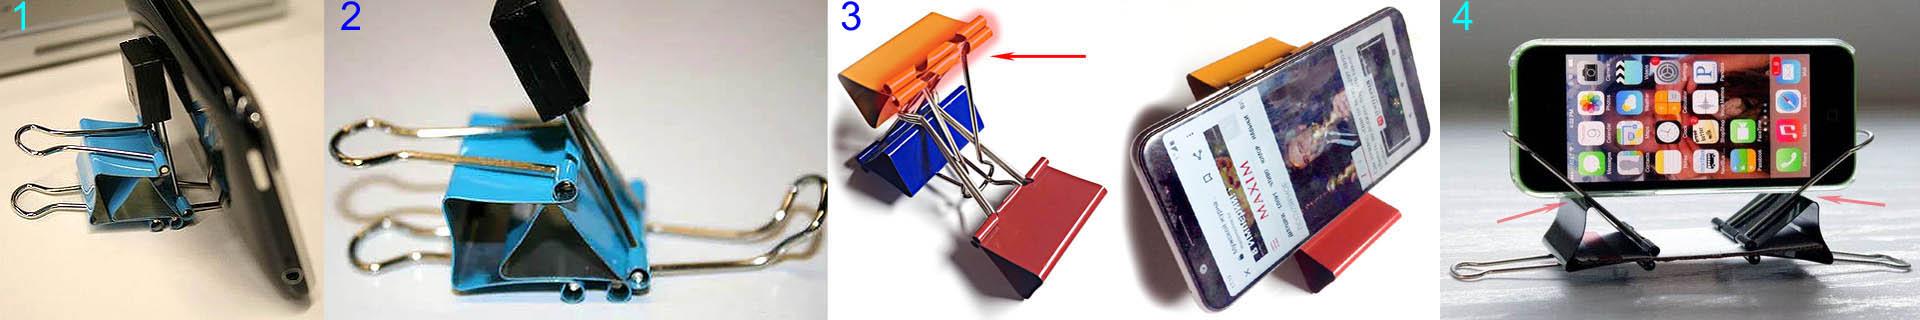 Как сделать подставку для телефона из зажимов для бумаги